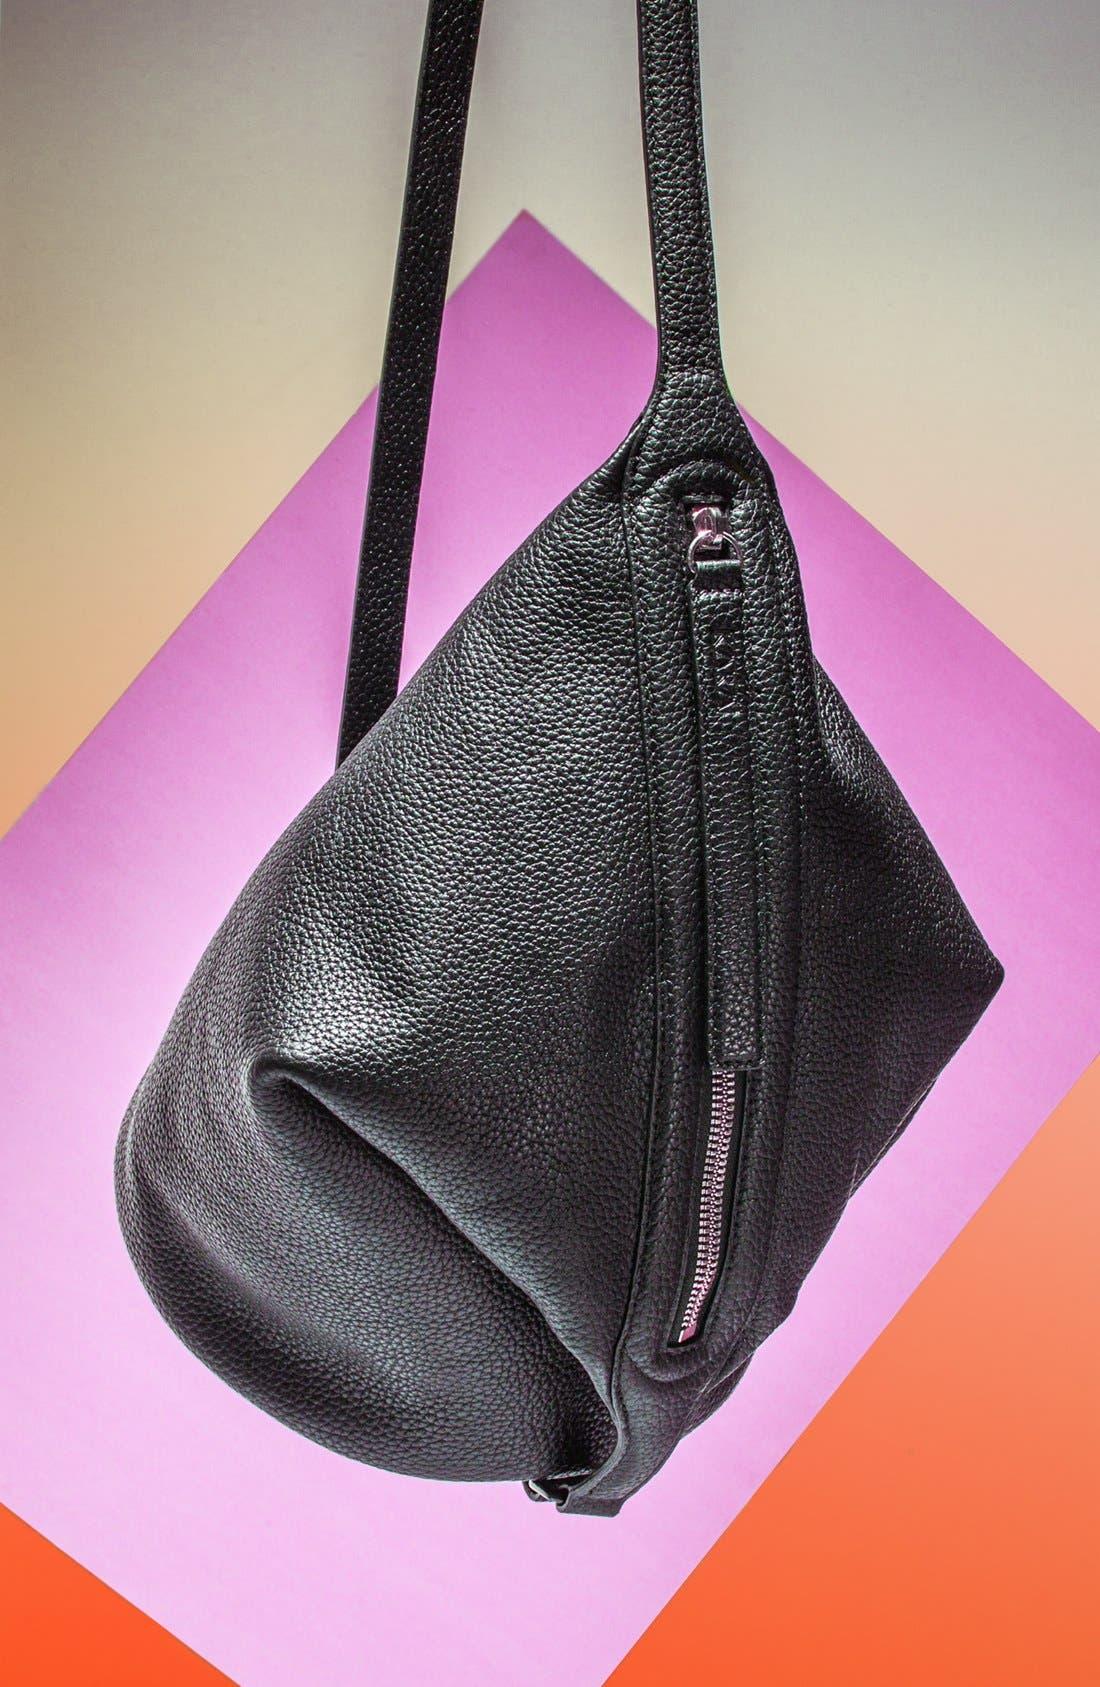 Main Image - Kara 'Dry - Small' Convertible Pebbled Leather Bucket Bag, Small